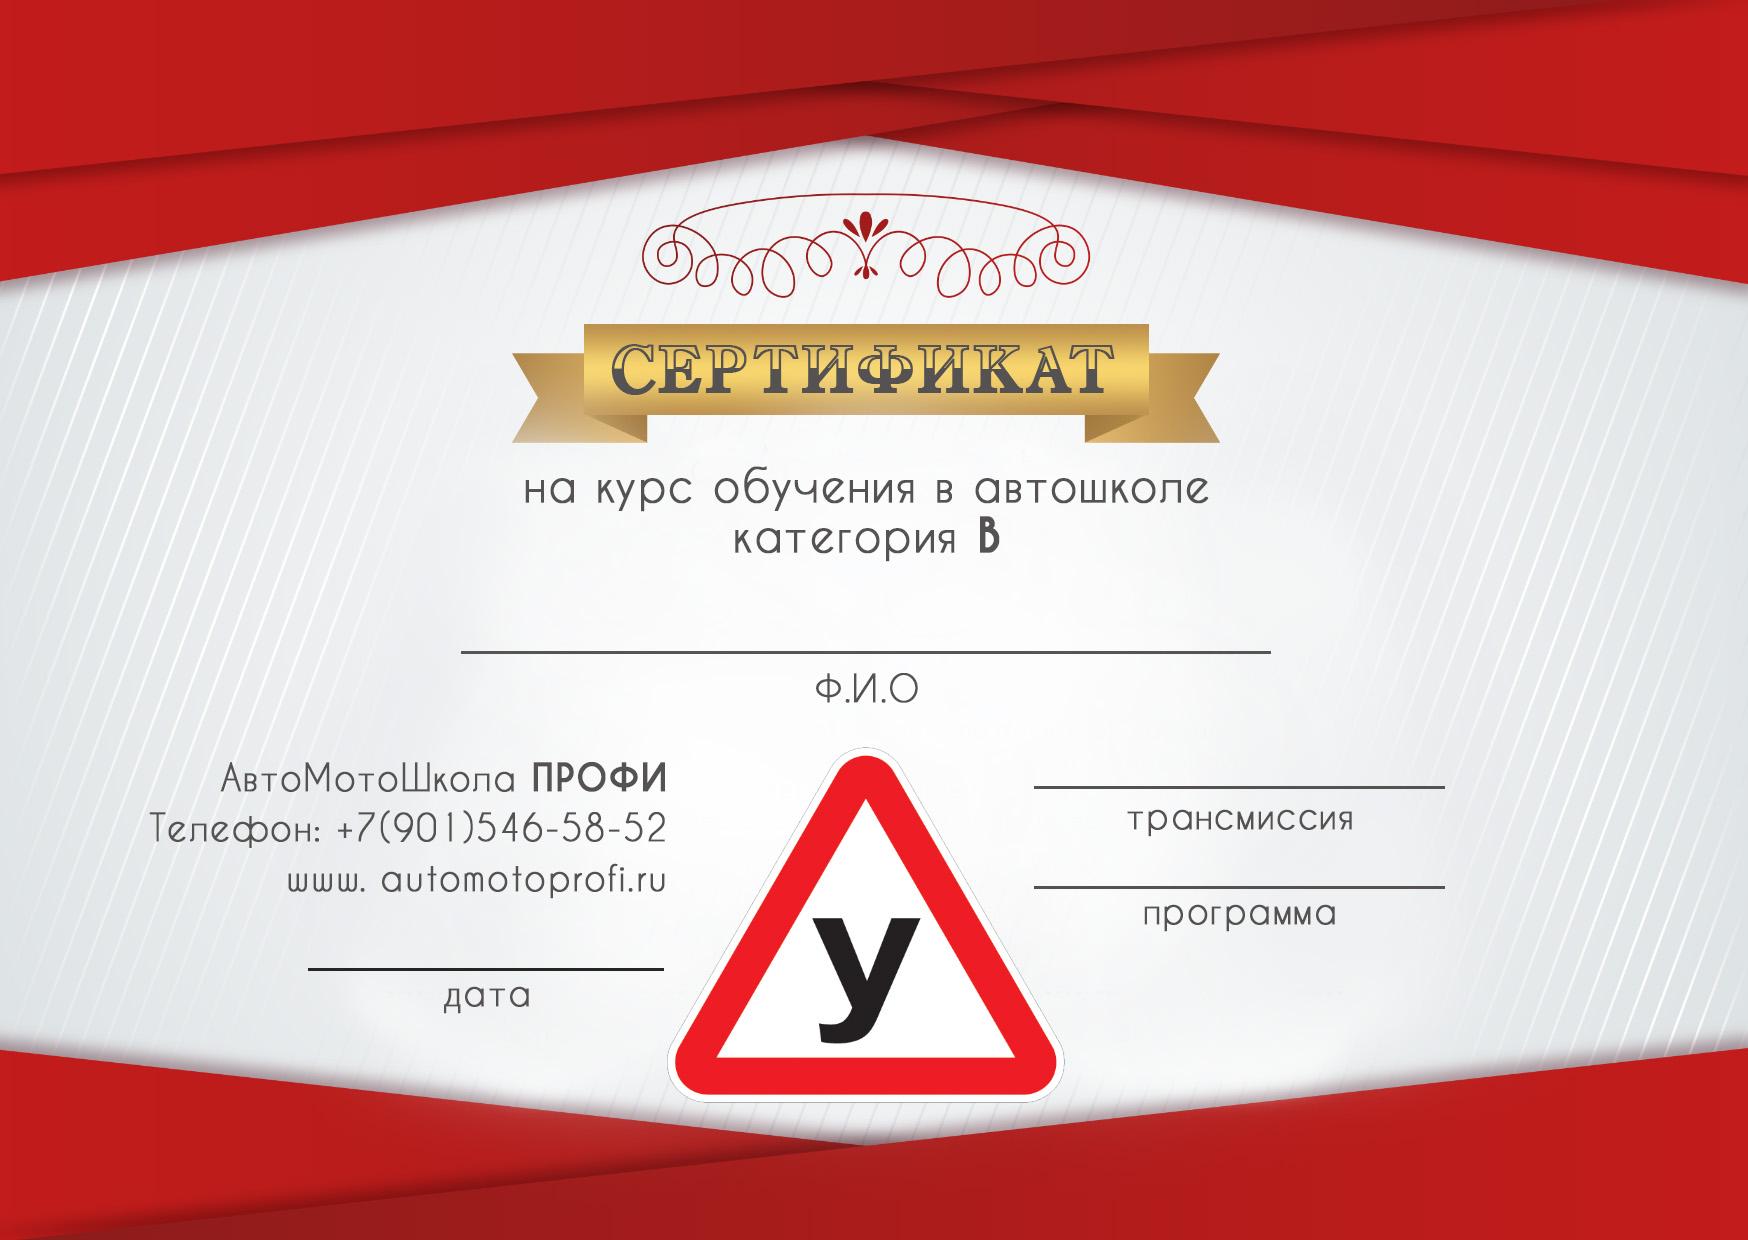 Стоимость обучения Автомотошкола Профи  Подарочные сертификаты